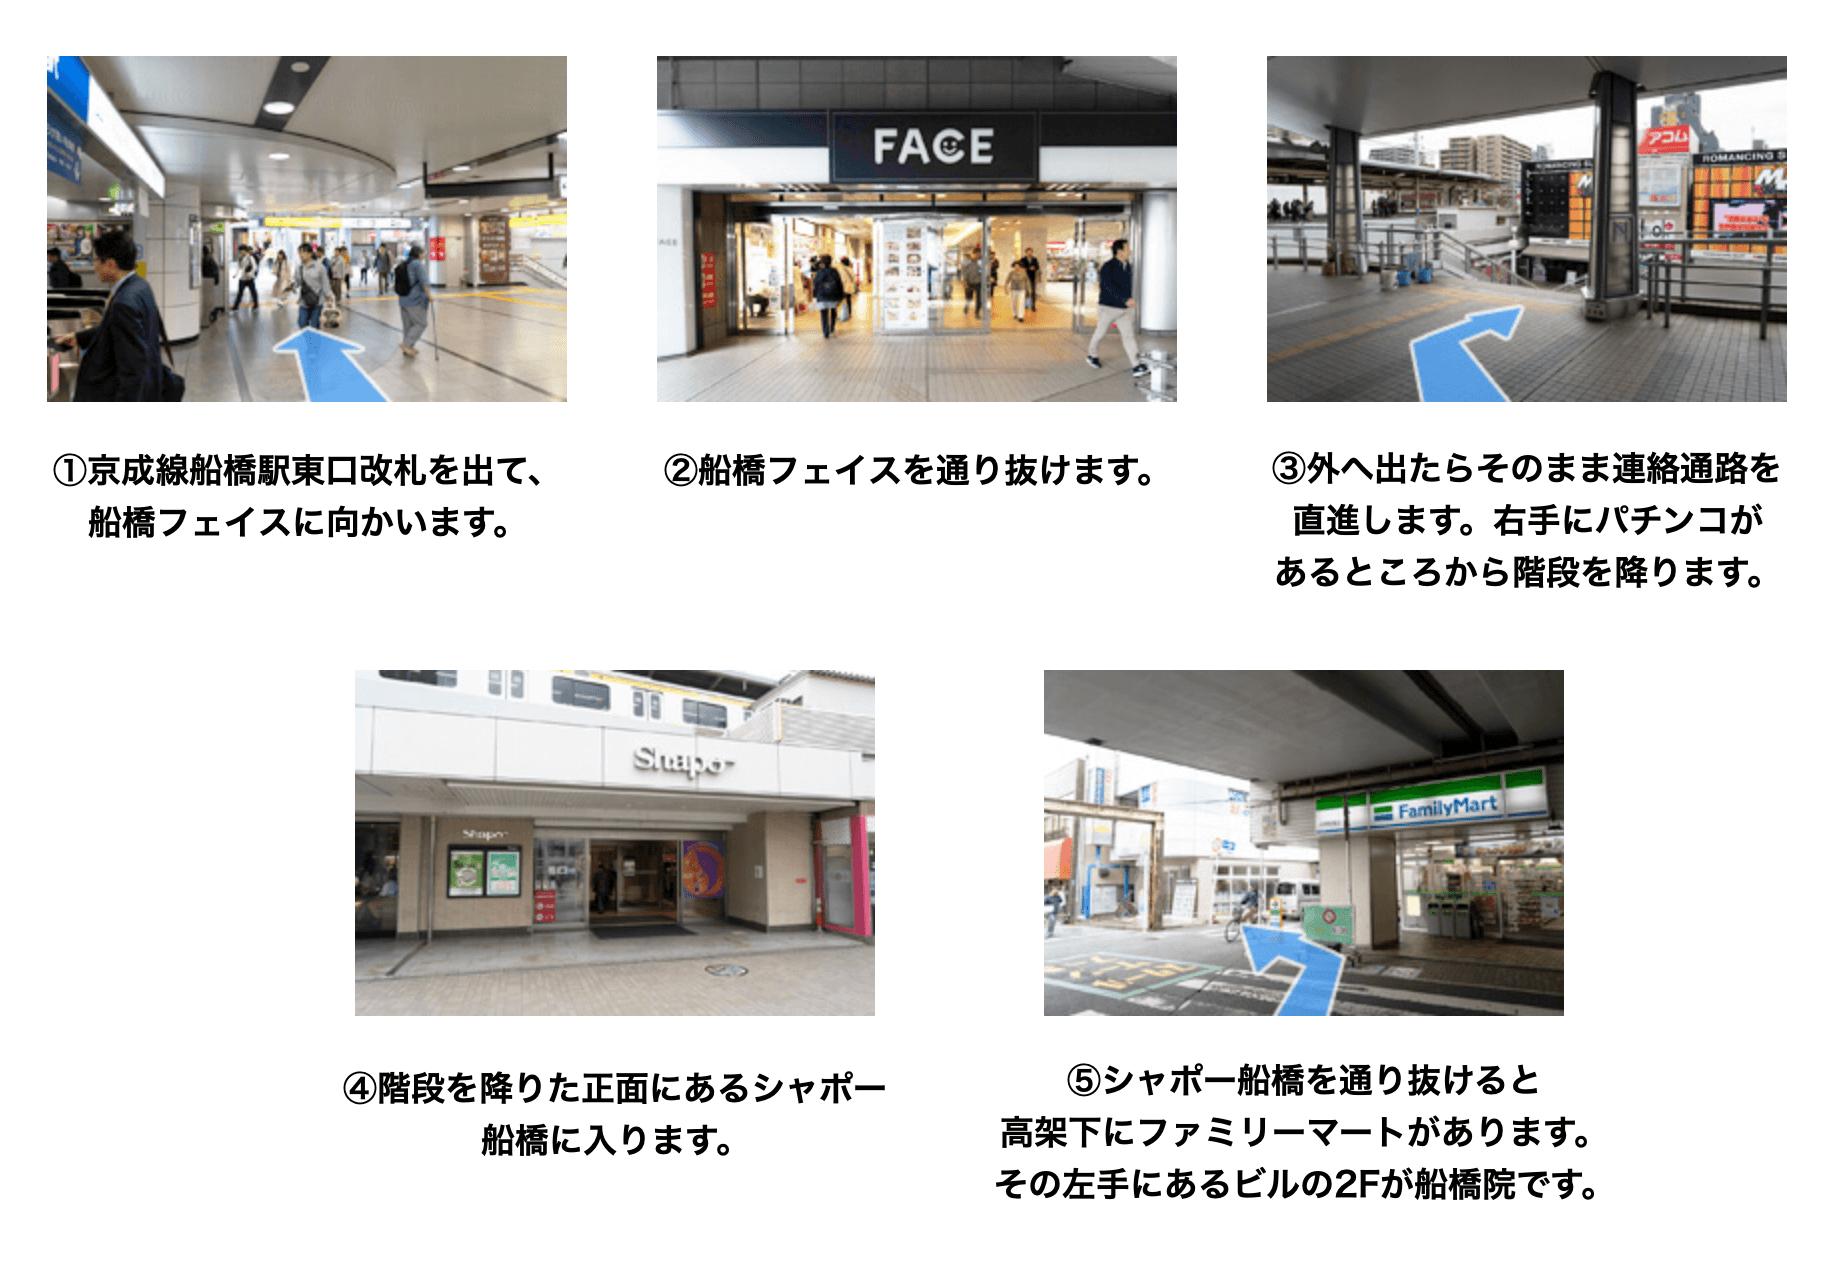 AGAスキンクリニック船橋院に迷わず辿り着くための完全MAP(京成船橋駅からのアクセス)